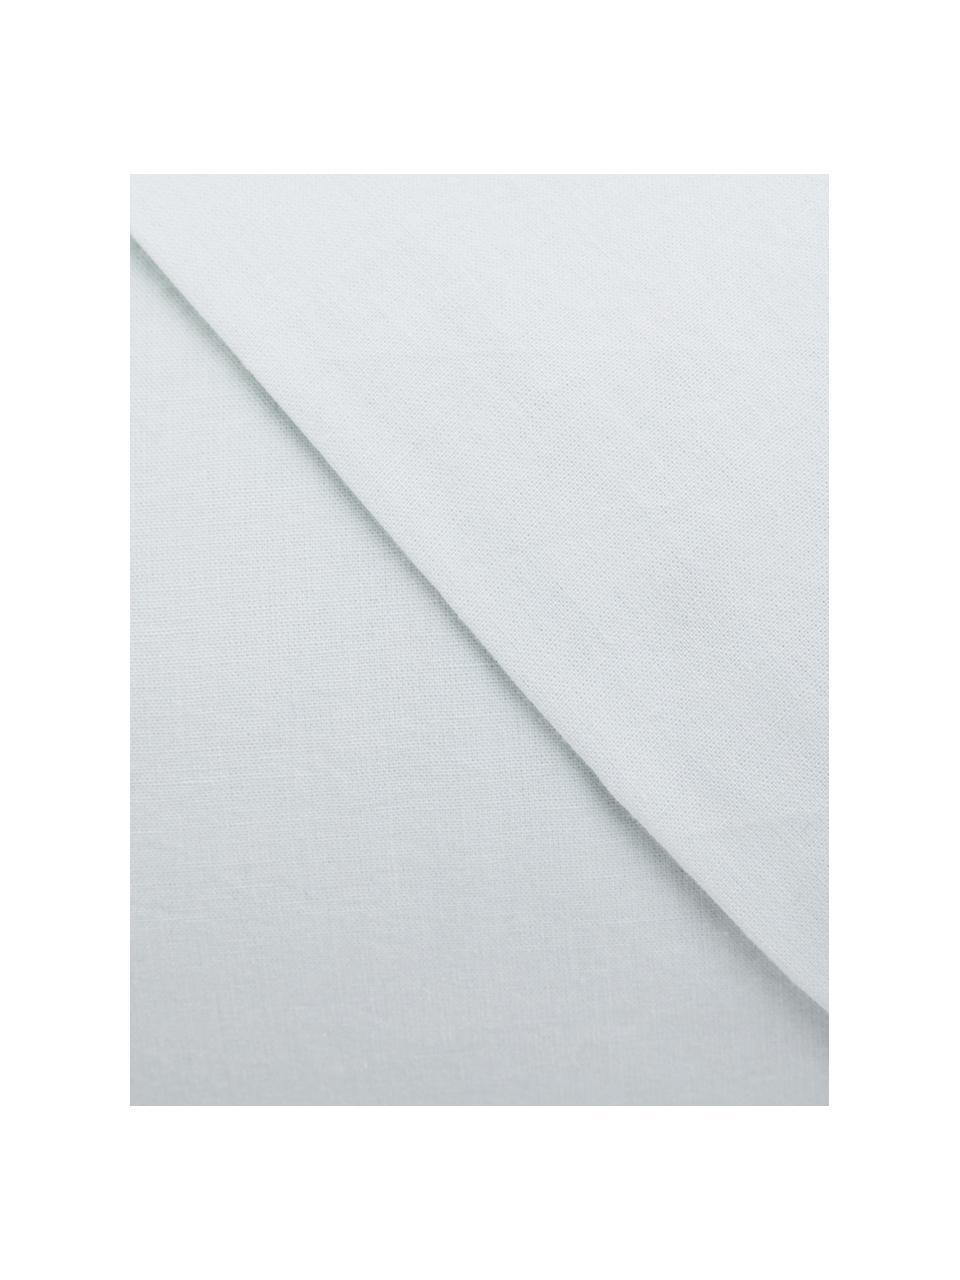 Parure copripiumino in cotone effetto stone washed Velle, Tessuto: cotone ranforce, Fronte e retro: bianco perla, 155 x 200 cm + 1 federa 50 x 80 cm